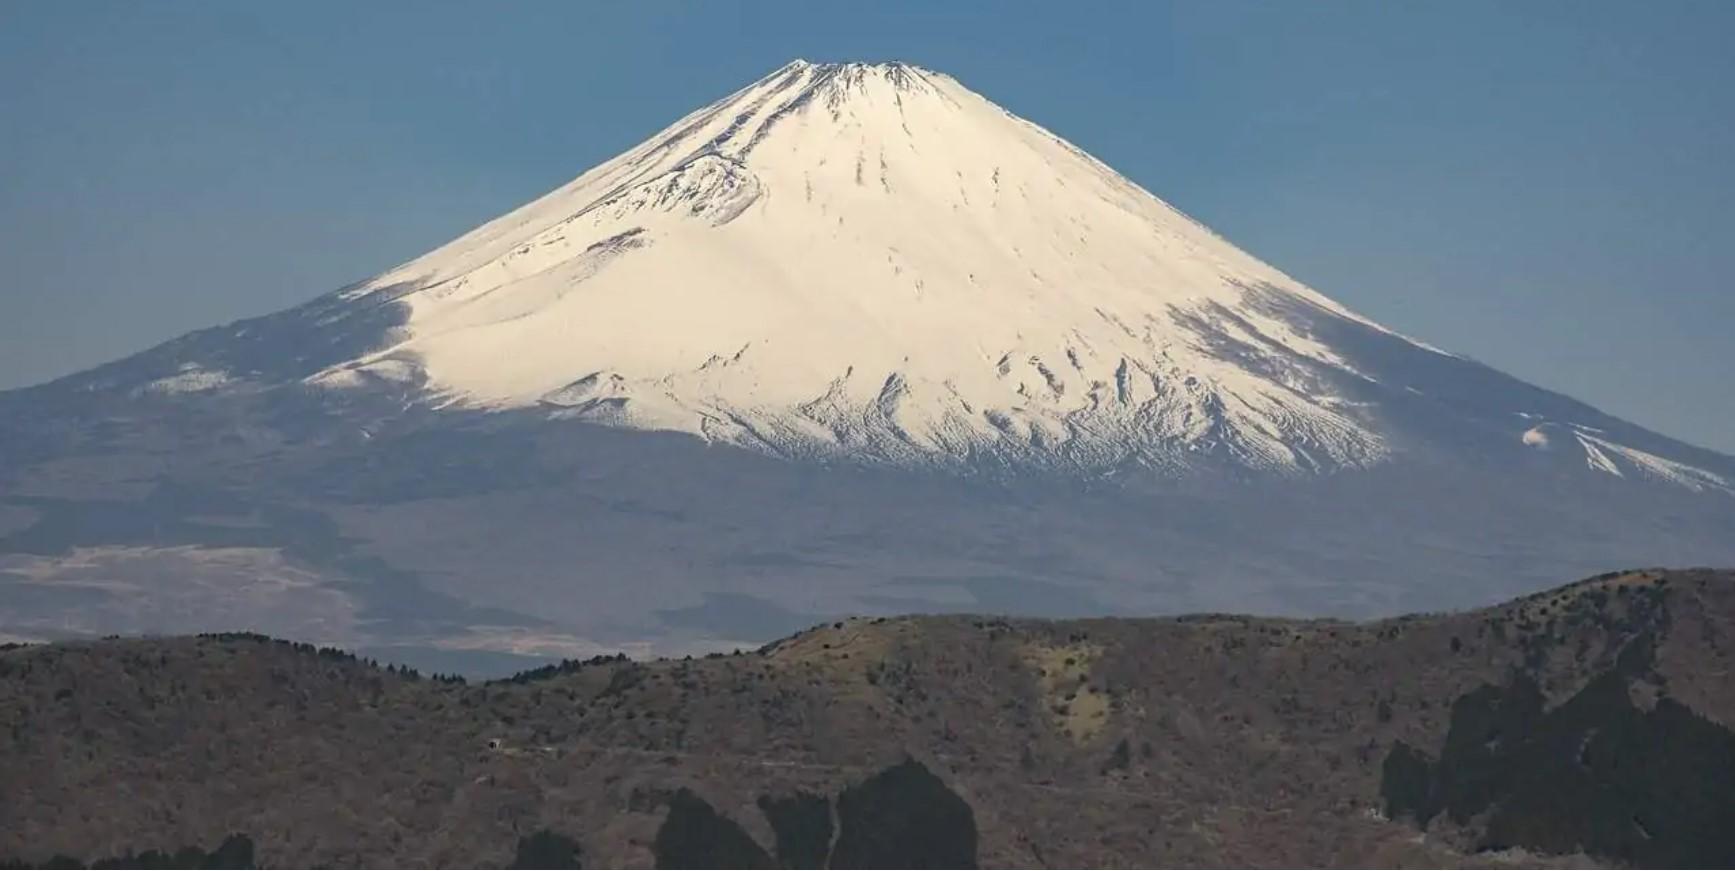 Nhật Bản bước vào cuộc đua CBDC khi chính thức thử nghiệm đồng yên kỹ thuật số